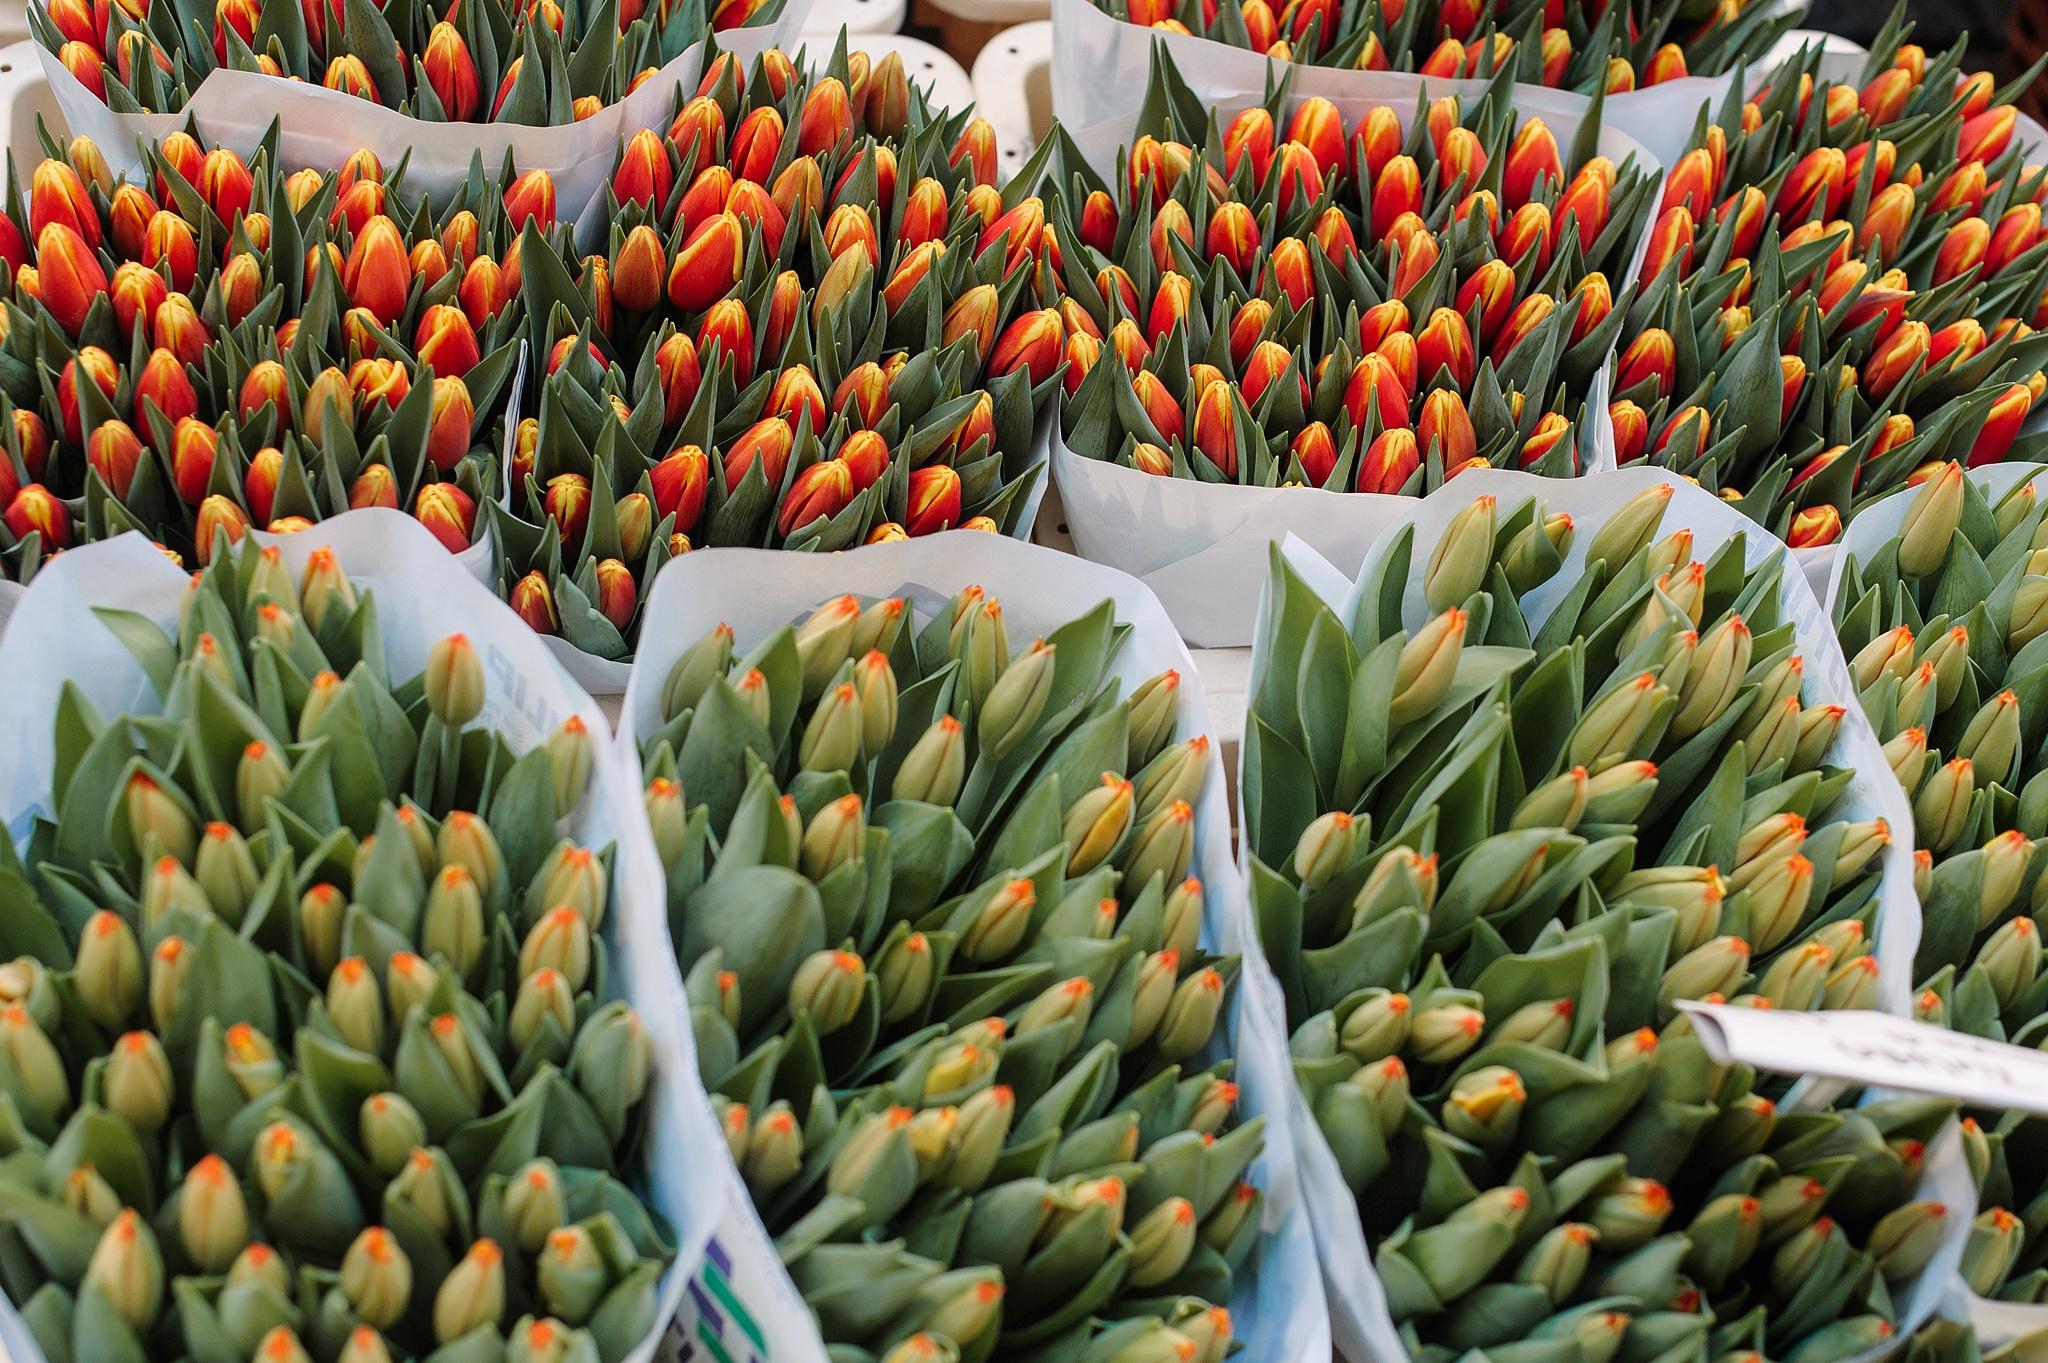 Flowermarket_11